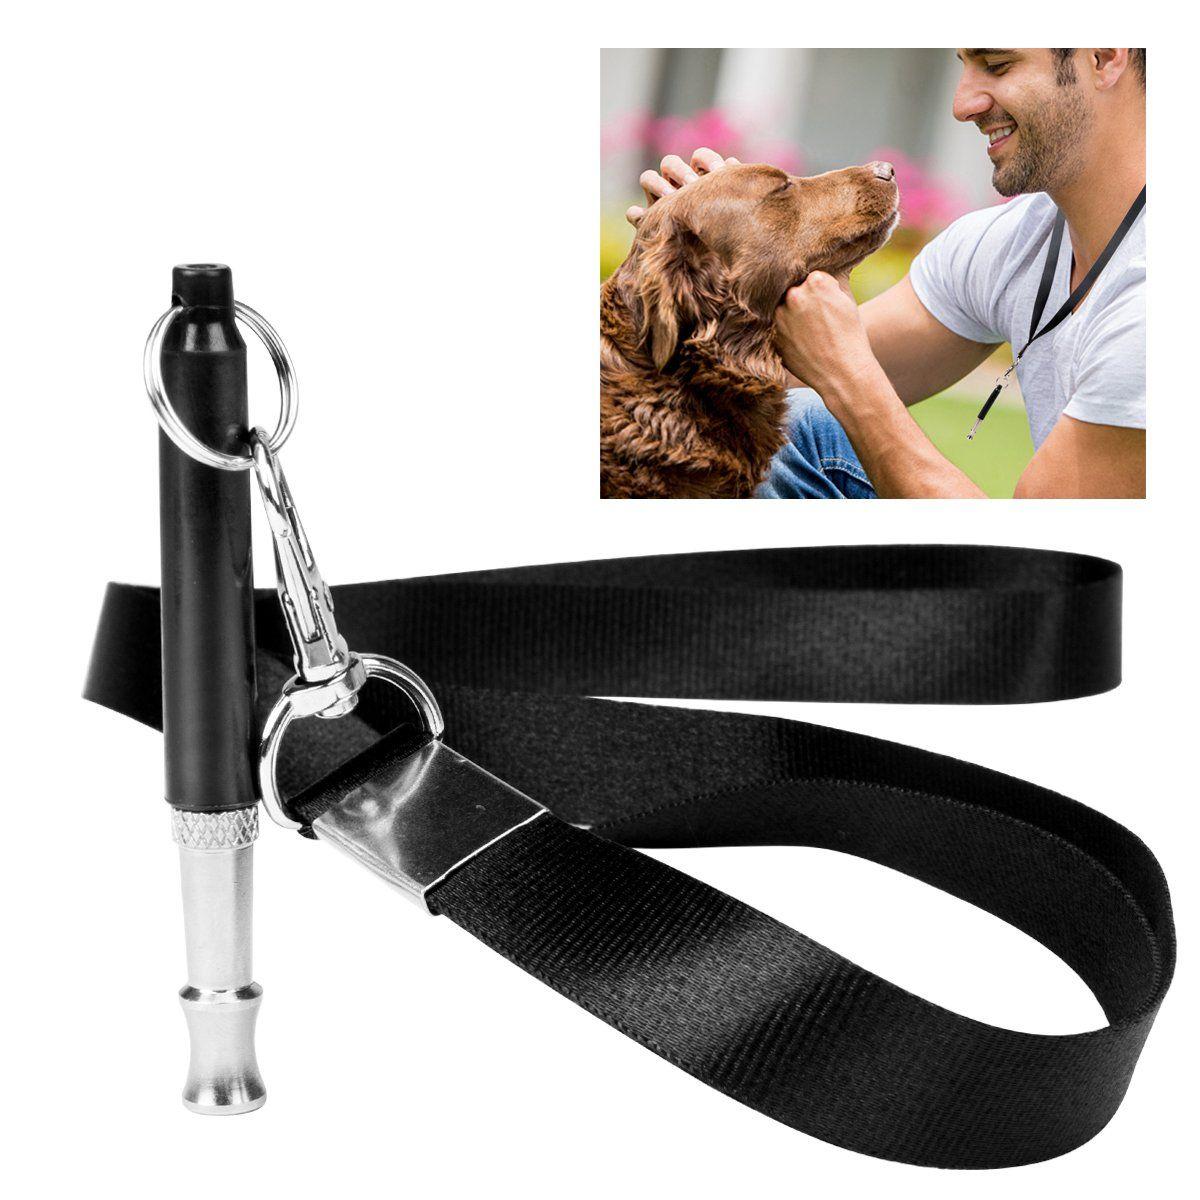 Aprince Dog Whistle Dog Training Tool With Lanyard Strap Pet Dog